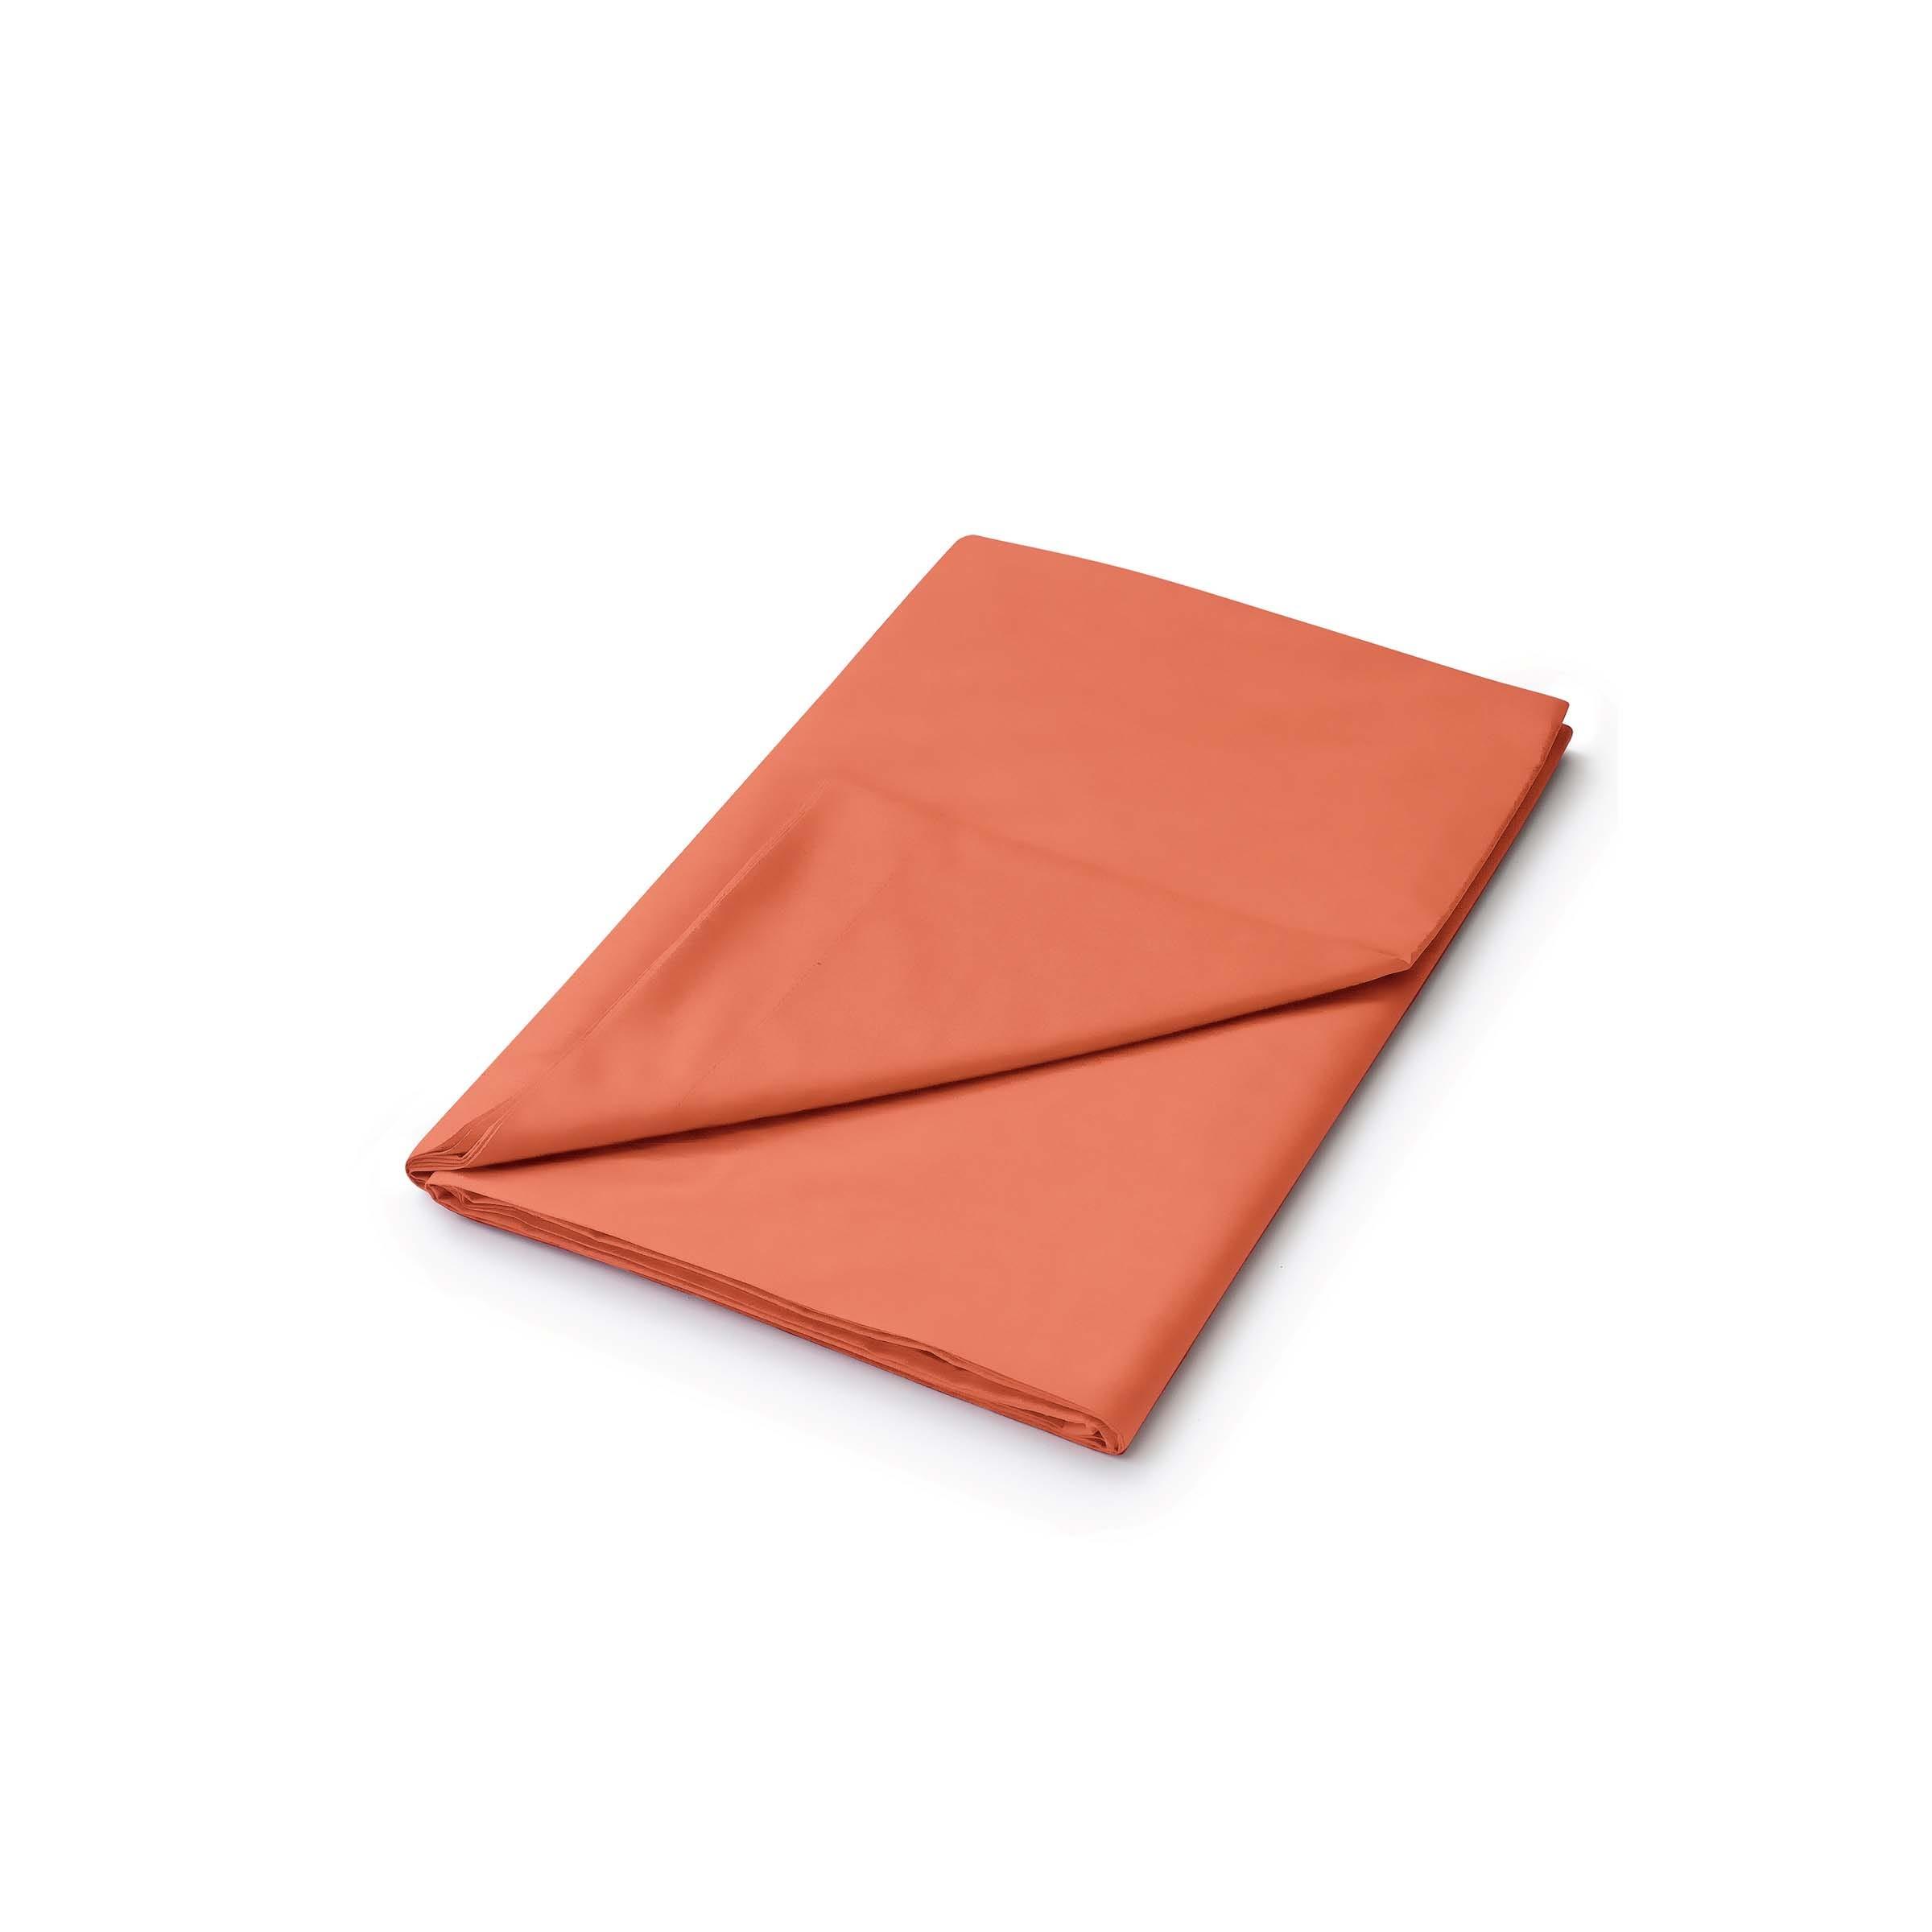 50/50 Plain Dye Percale Super Kingsize Flat Sheet, Coral